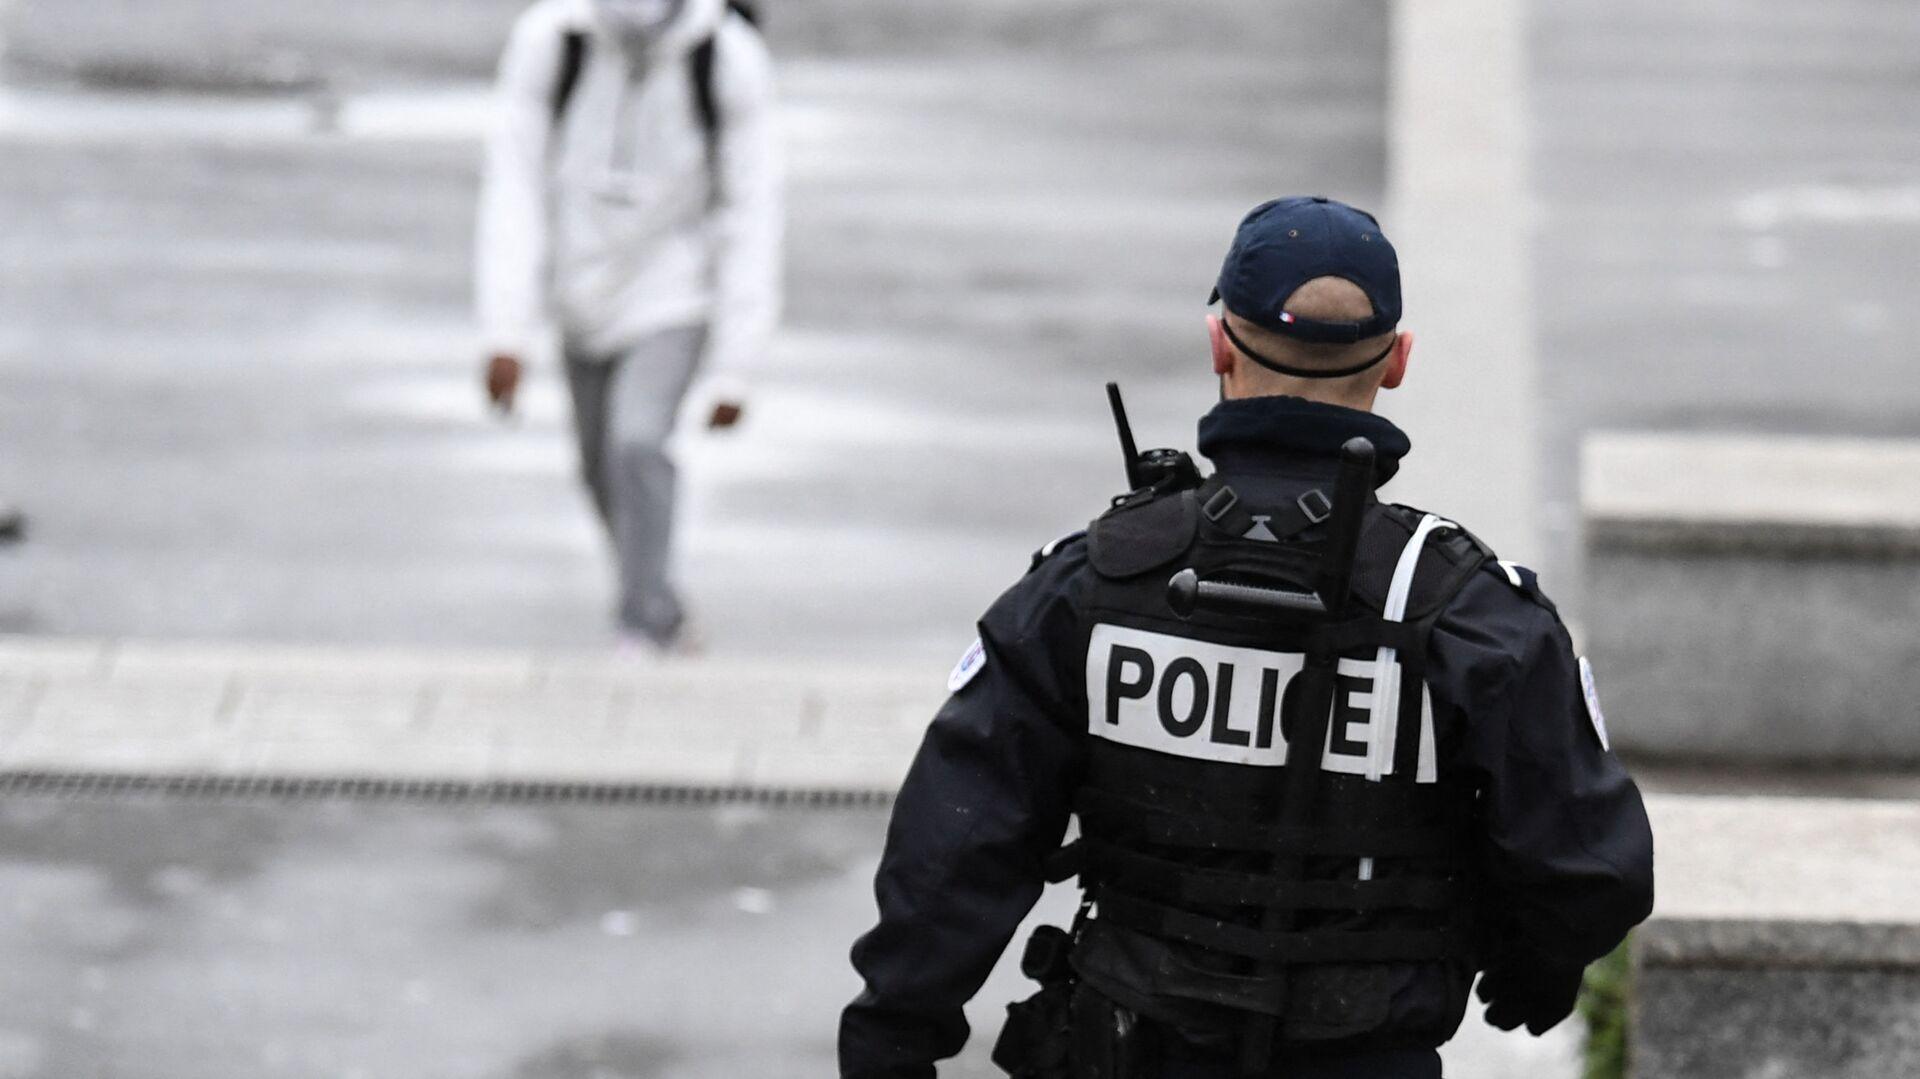 Un policier patrouille à Sarcelles dans le Val d'Oise, février 2021 - Sputnik France, 1920, 13.10.2021